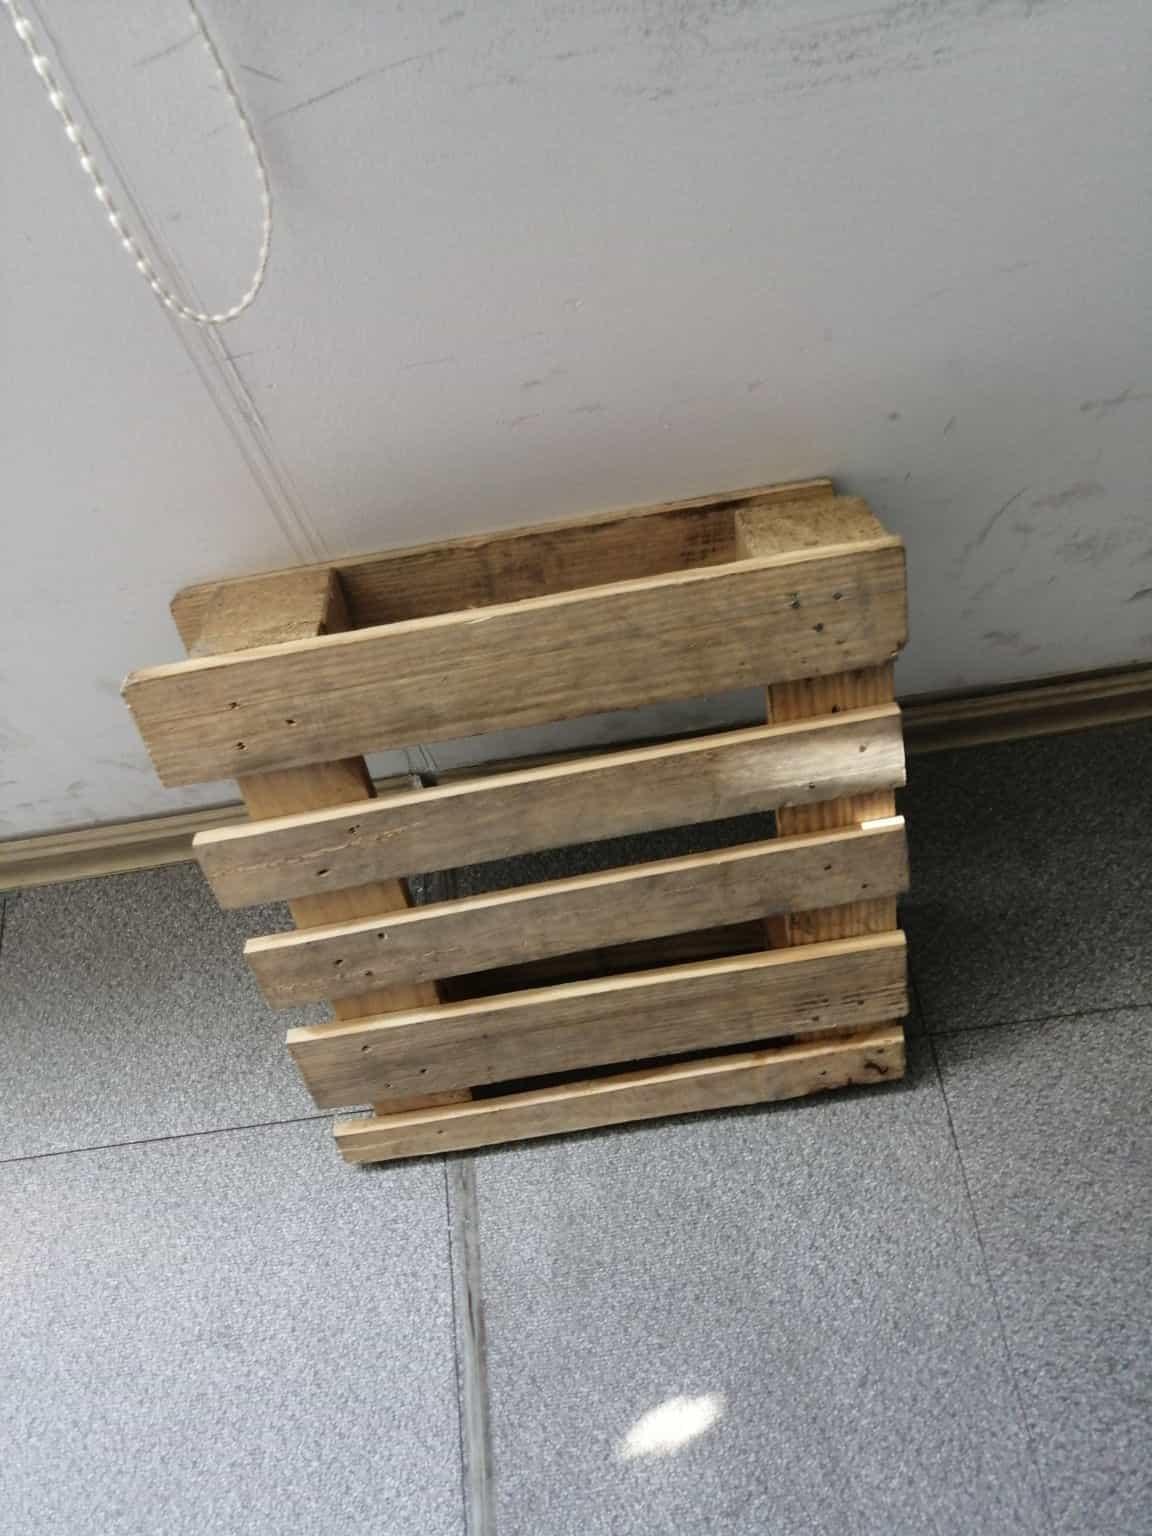 太原环保木托盘低价供应源更多货源资源